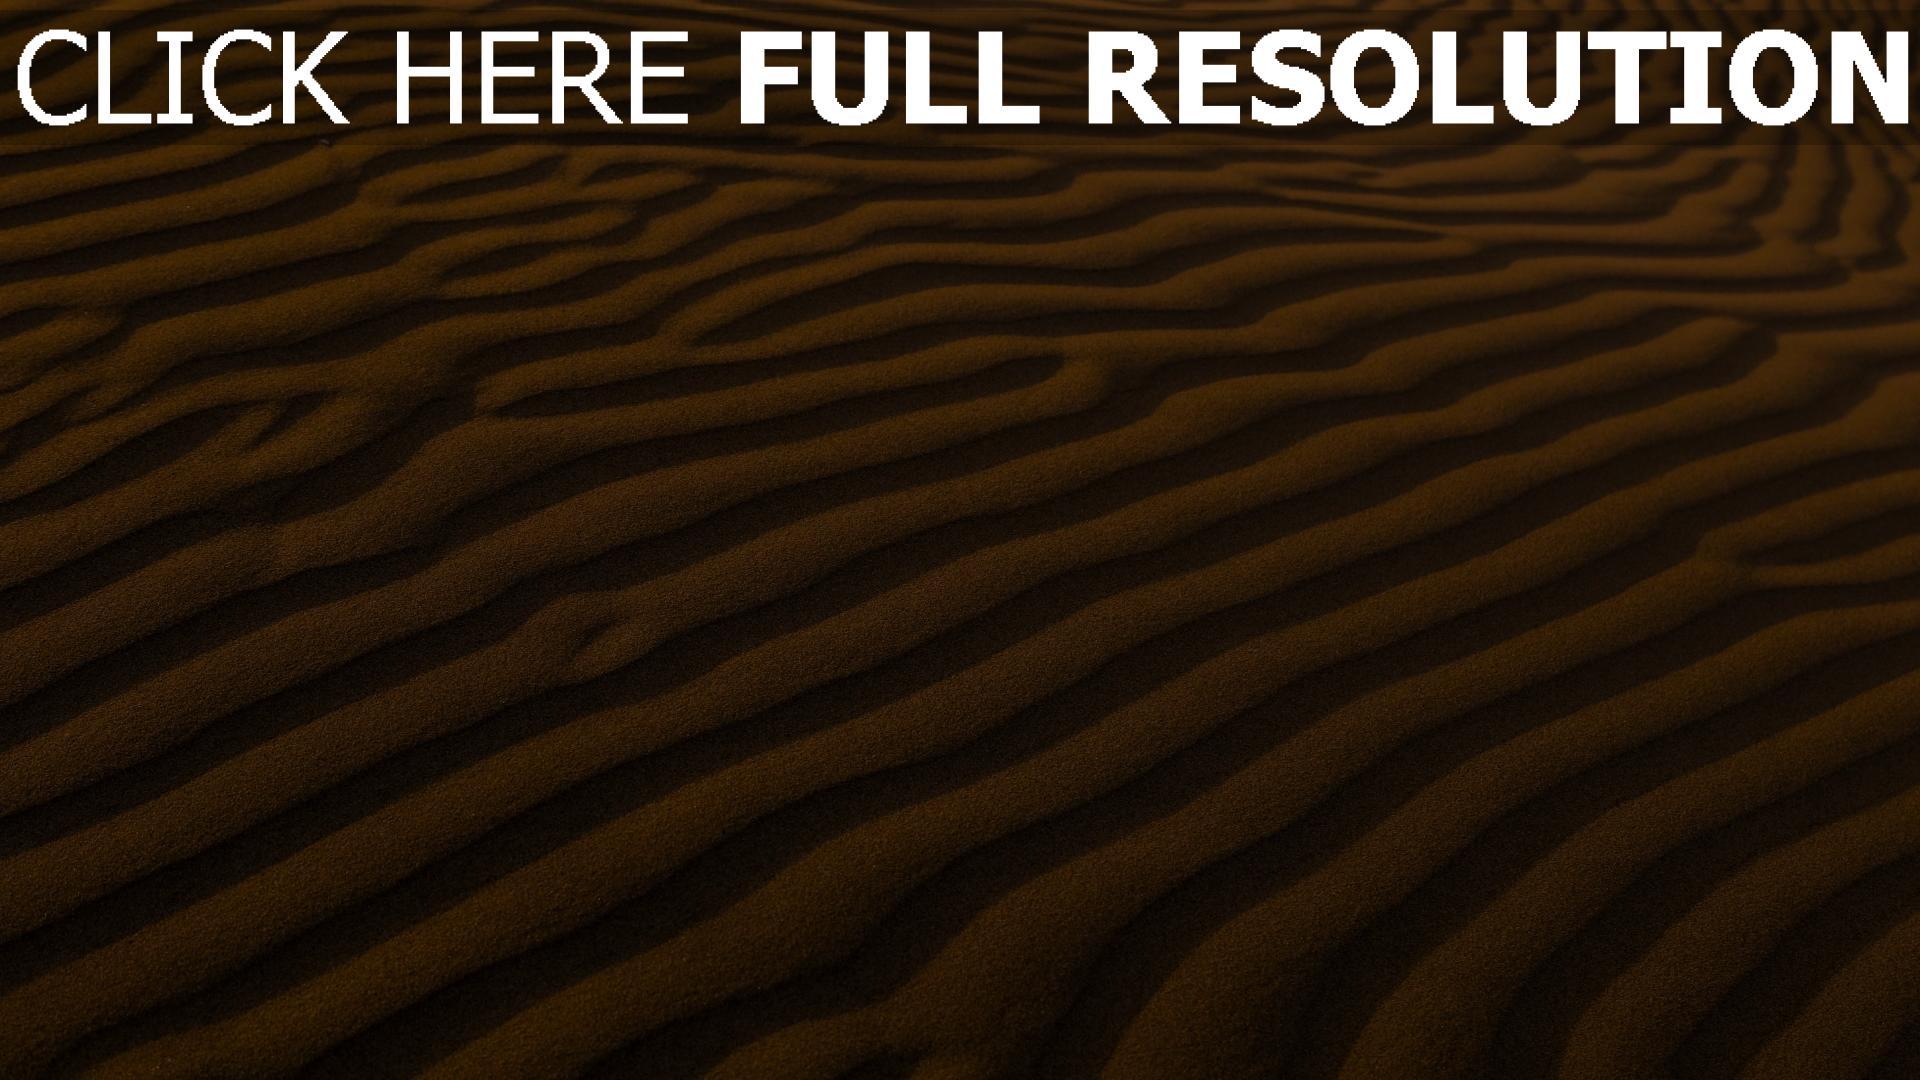 hd hintergrundbilder wüste sand oberfläche 1920x1080